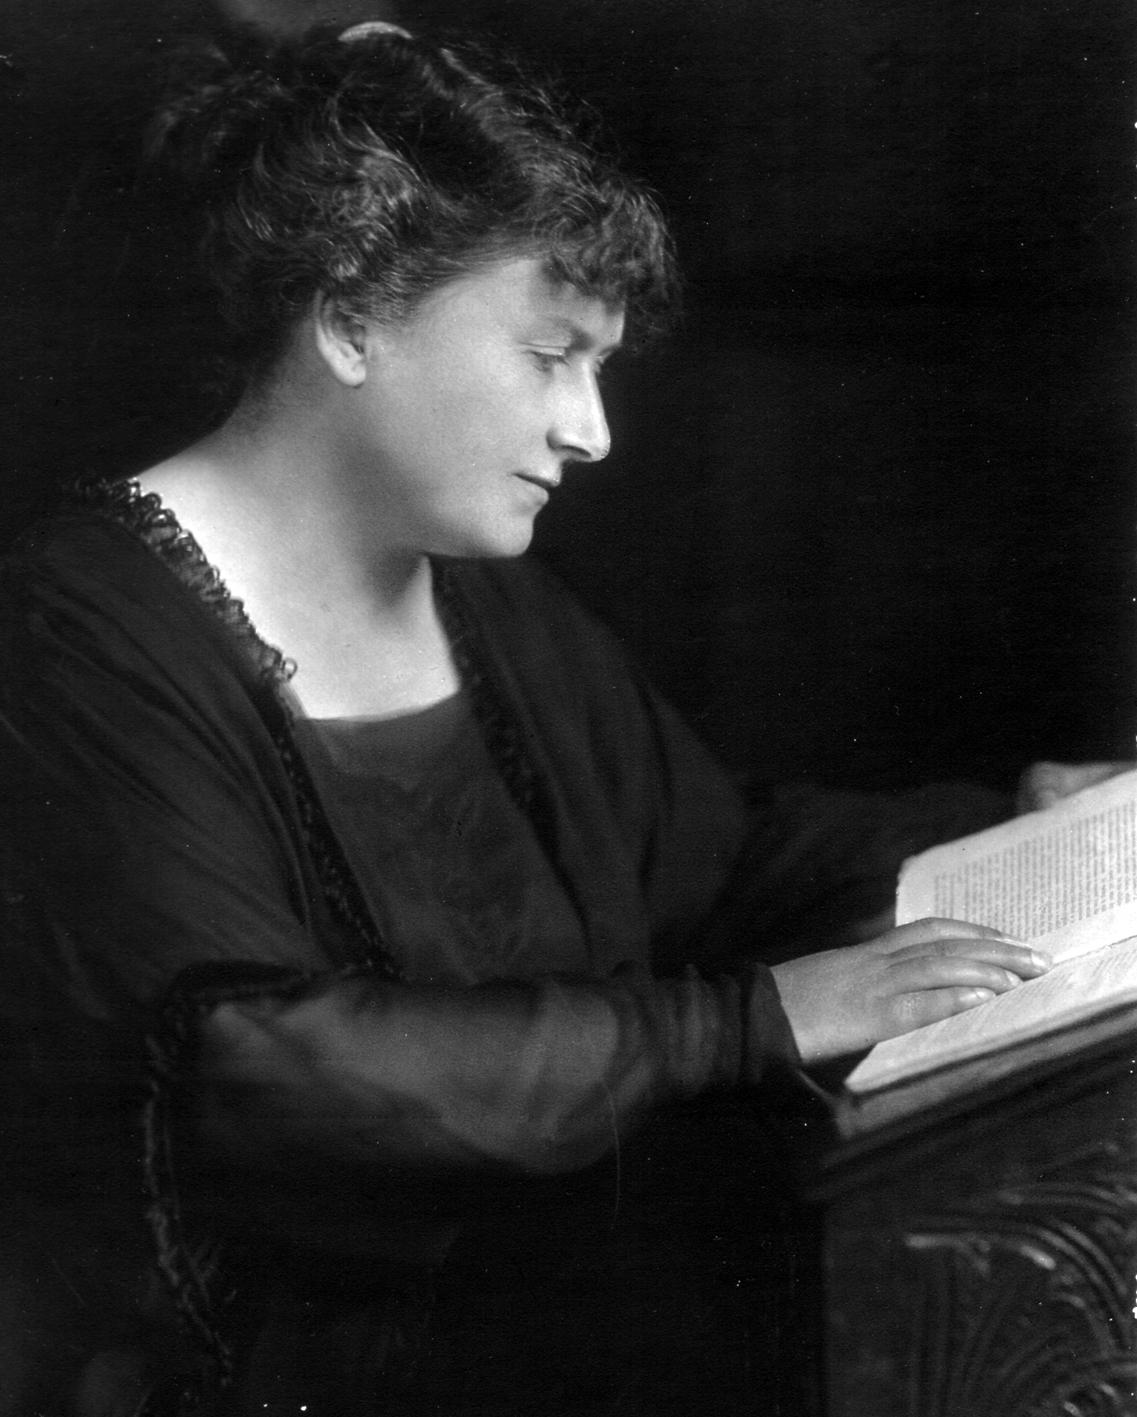 Young Maria Montessori